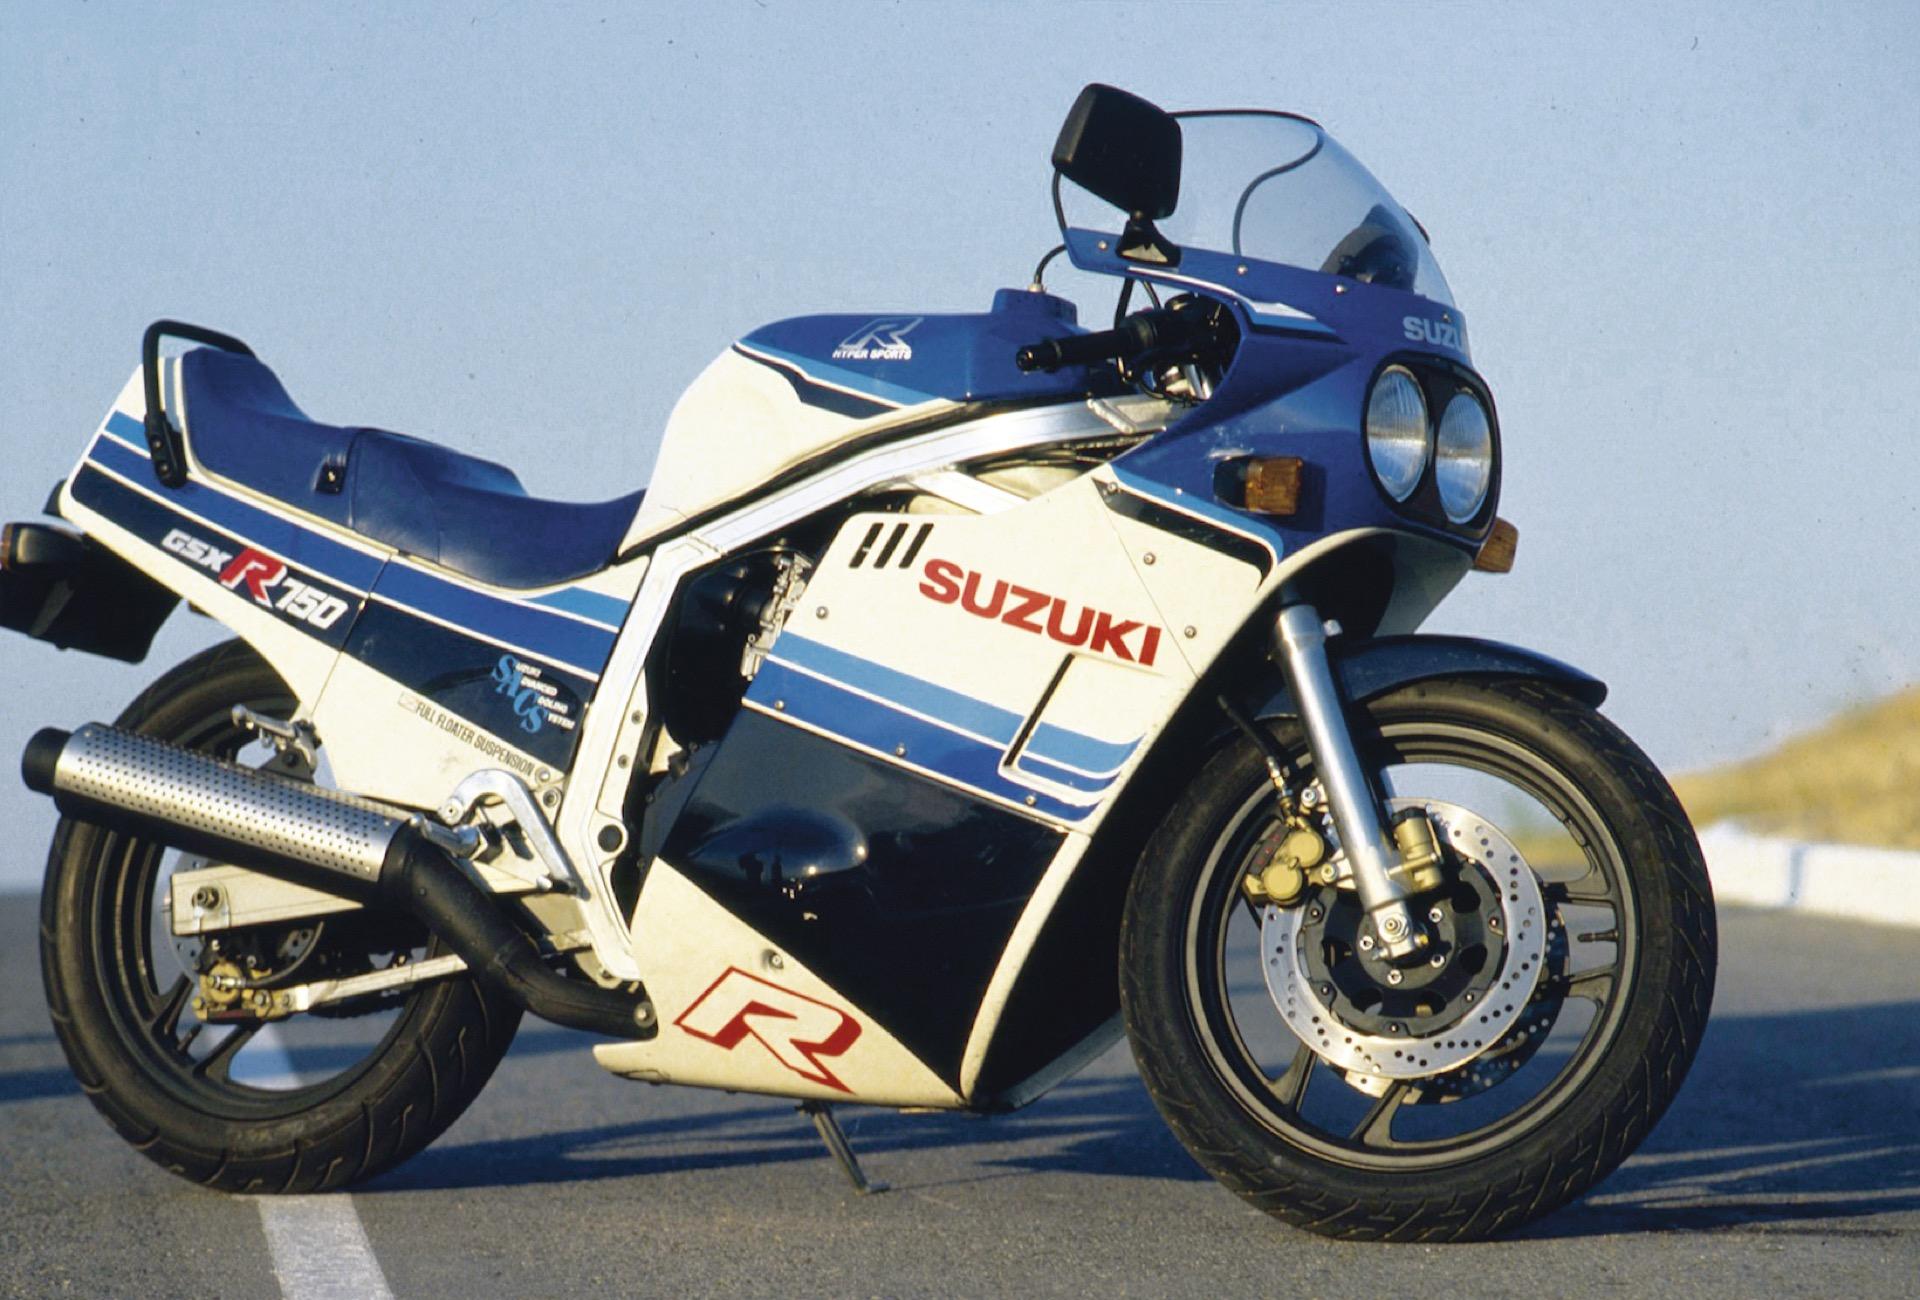 Retroprueba revista Motociclismo: Suzuki GSX 750 R 1985 Paragrapharticle-63153-57d0534b6de23